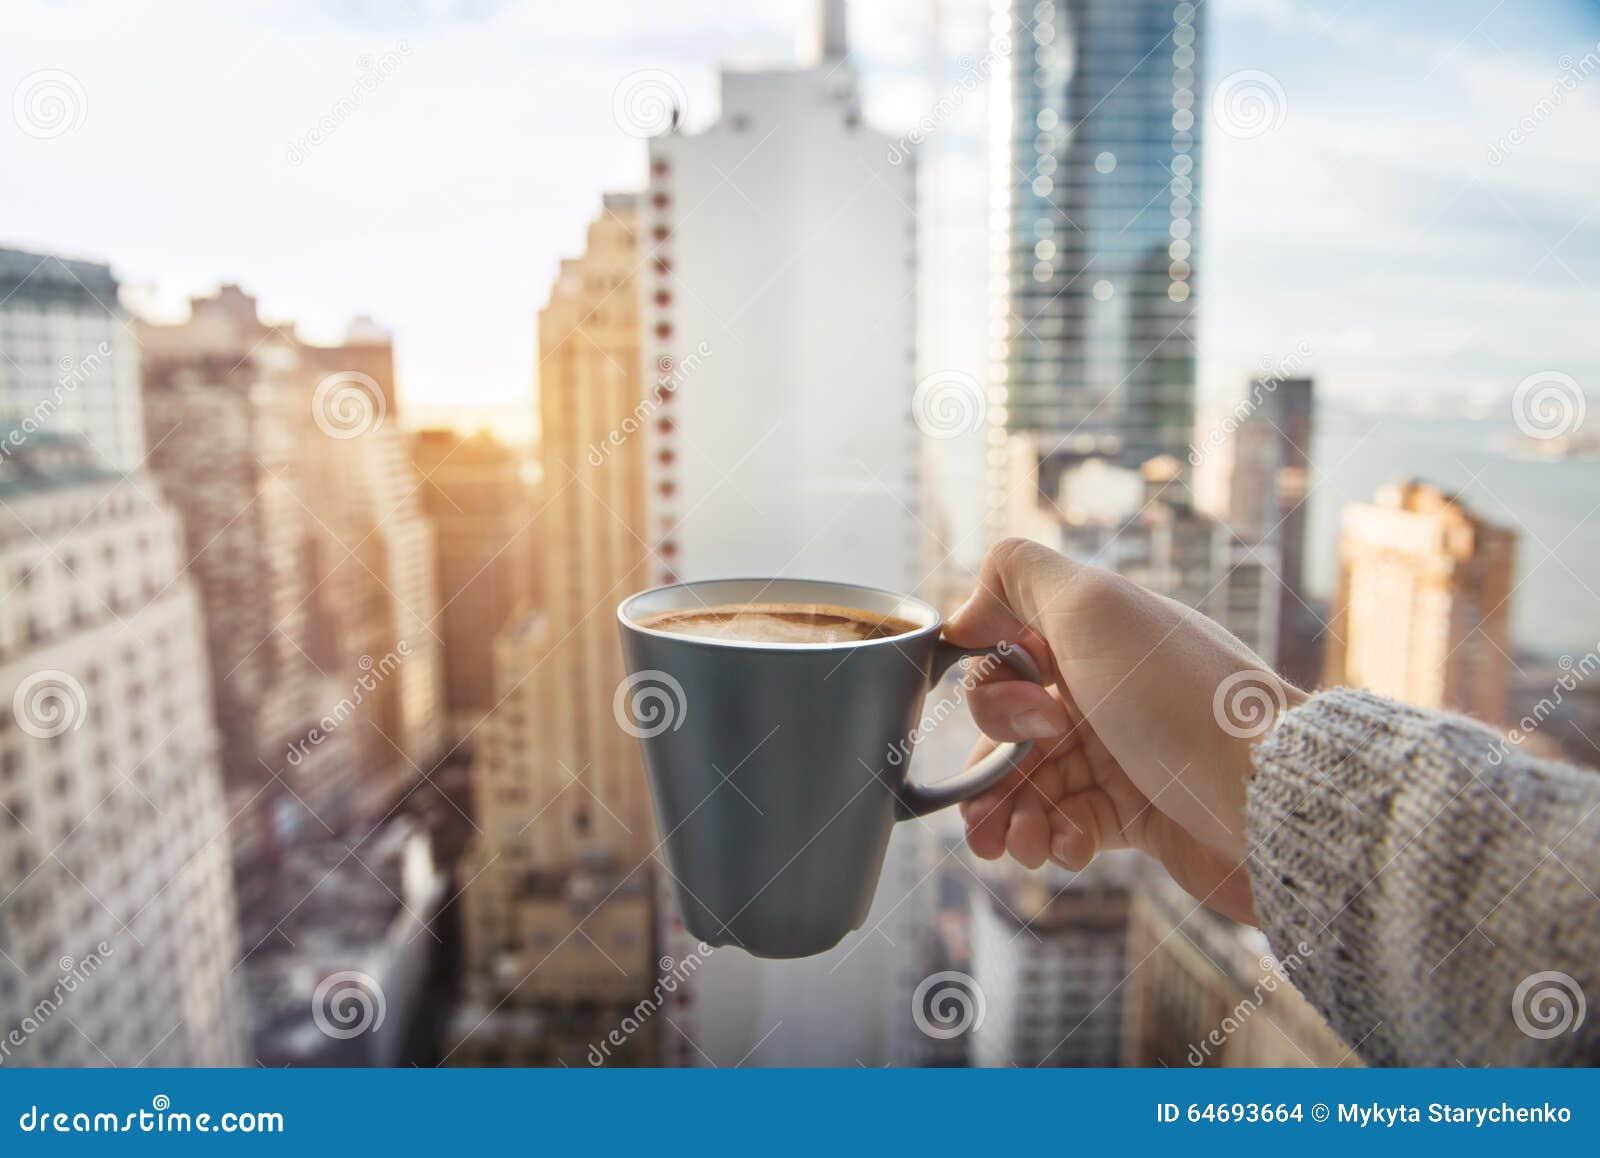 Equipe guardar o copo de café em apartamentos luxuosos da sótão de luxo com vista a New York City